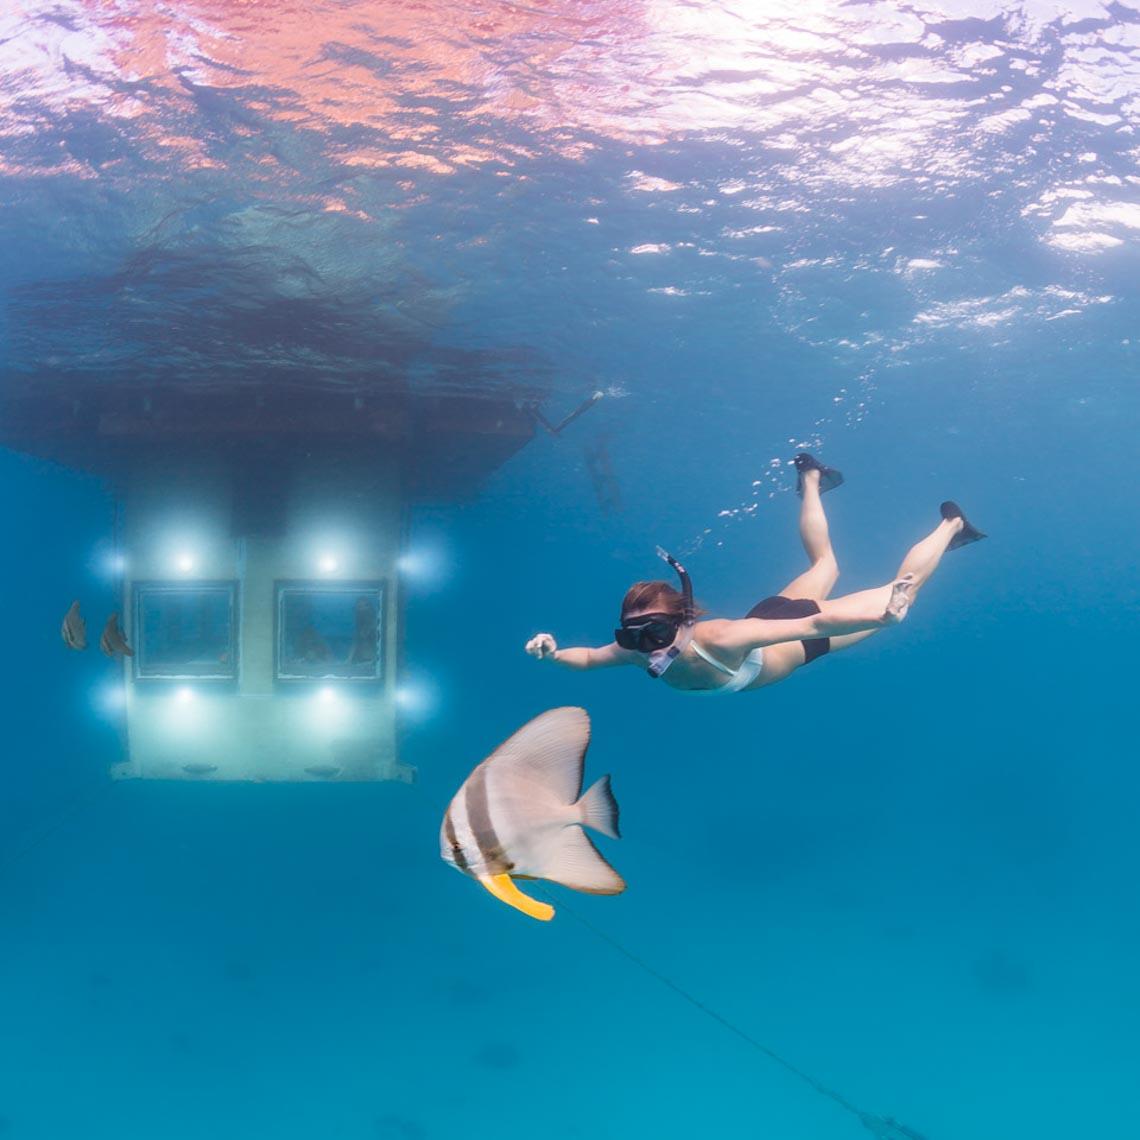 Ngồi trong phòng ngắm cảnh dưới biển -10